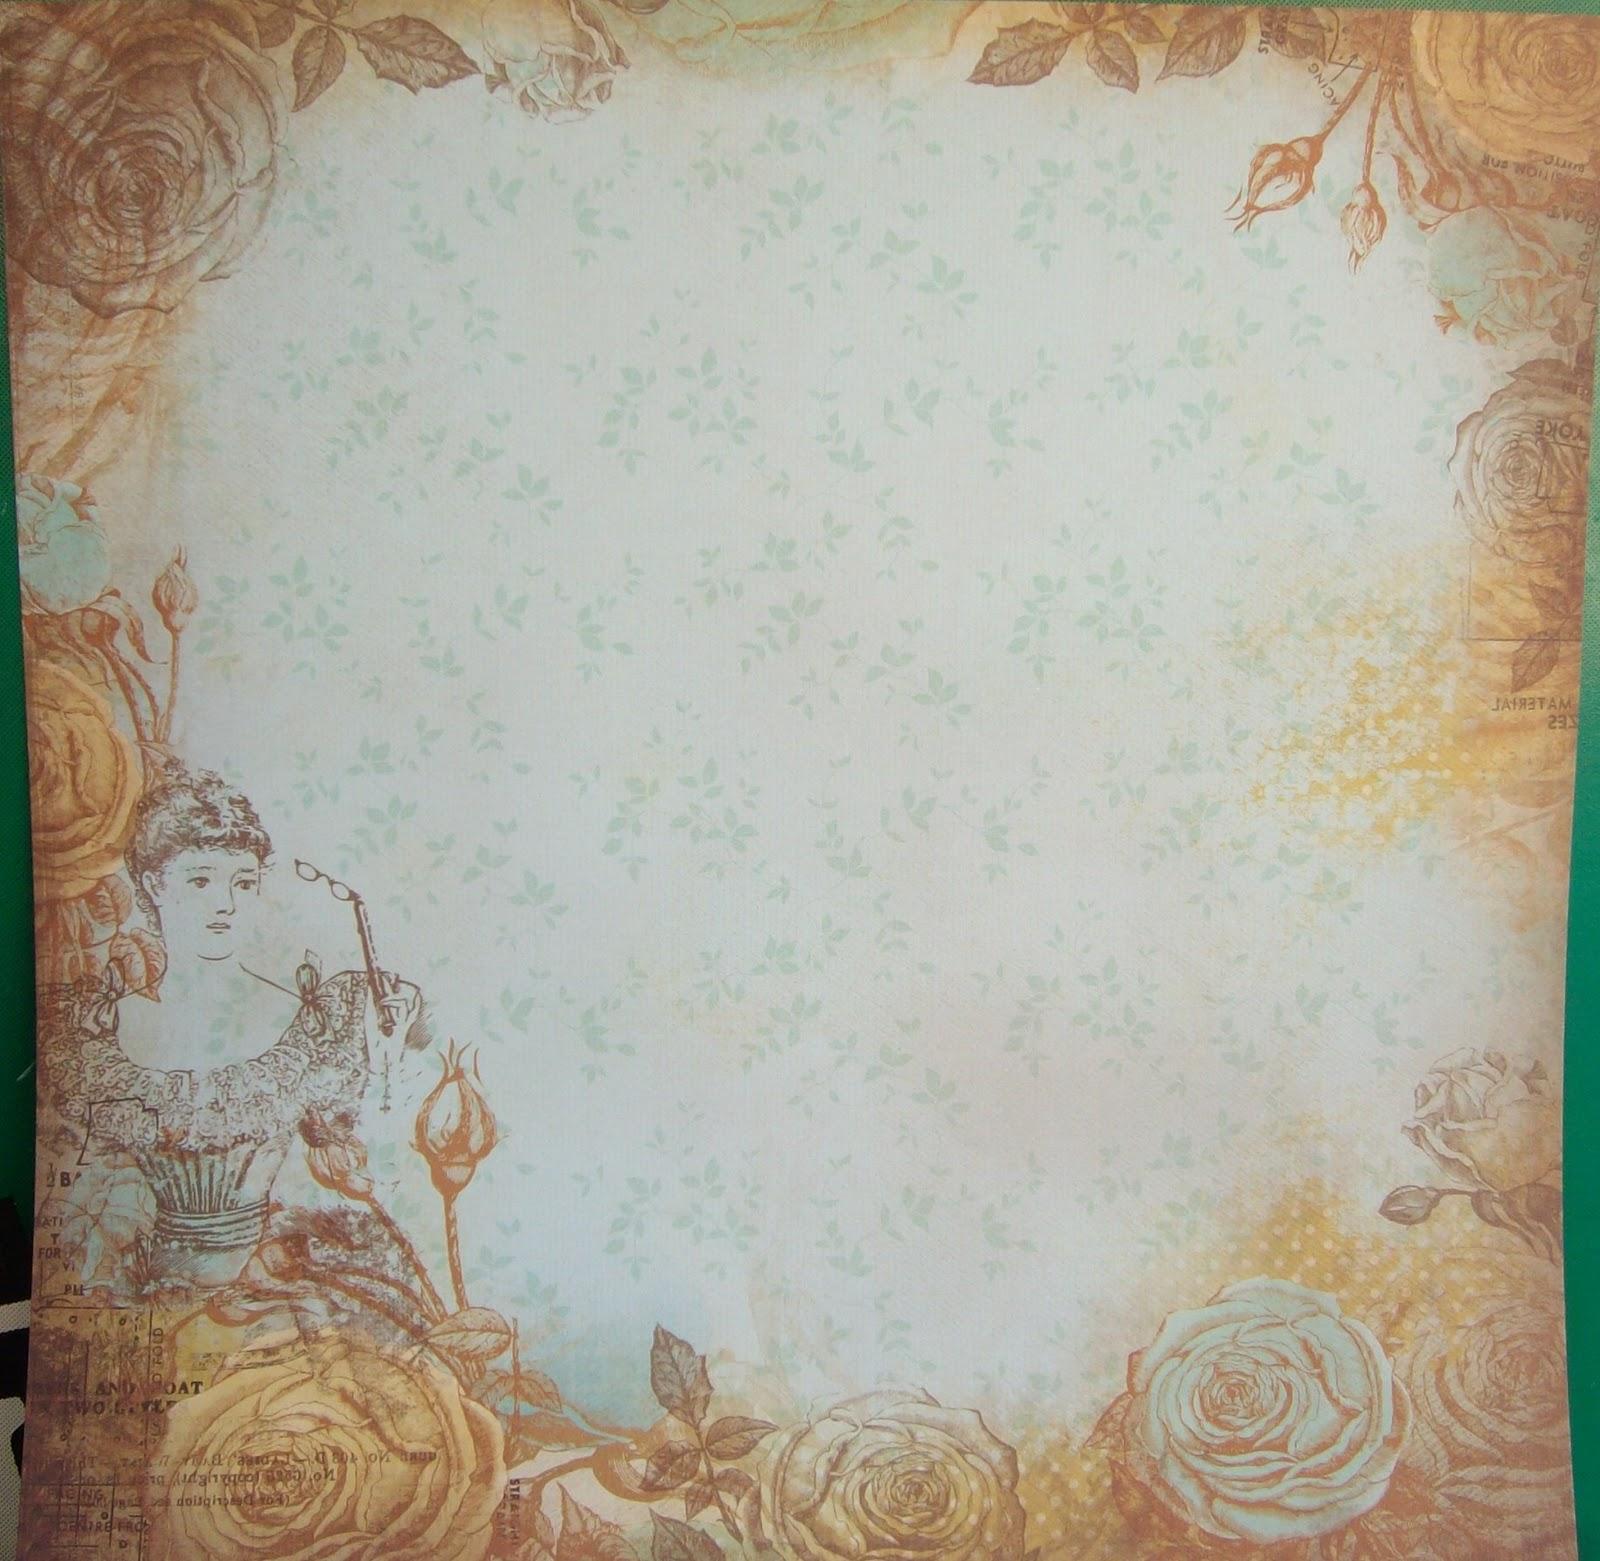 Papeles servilletas y telas de tere papel vintage 020 - Papeles y telas ...